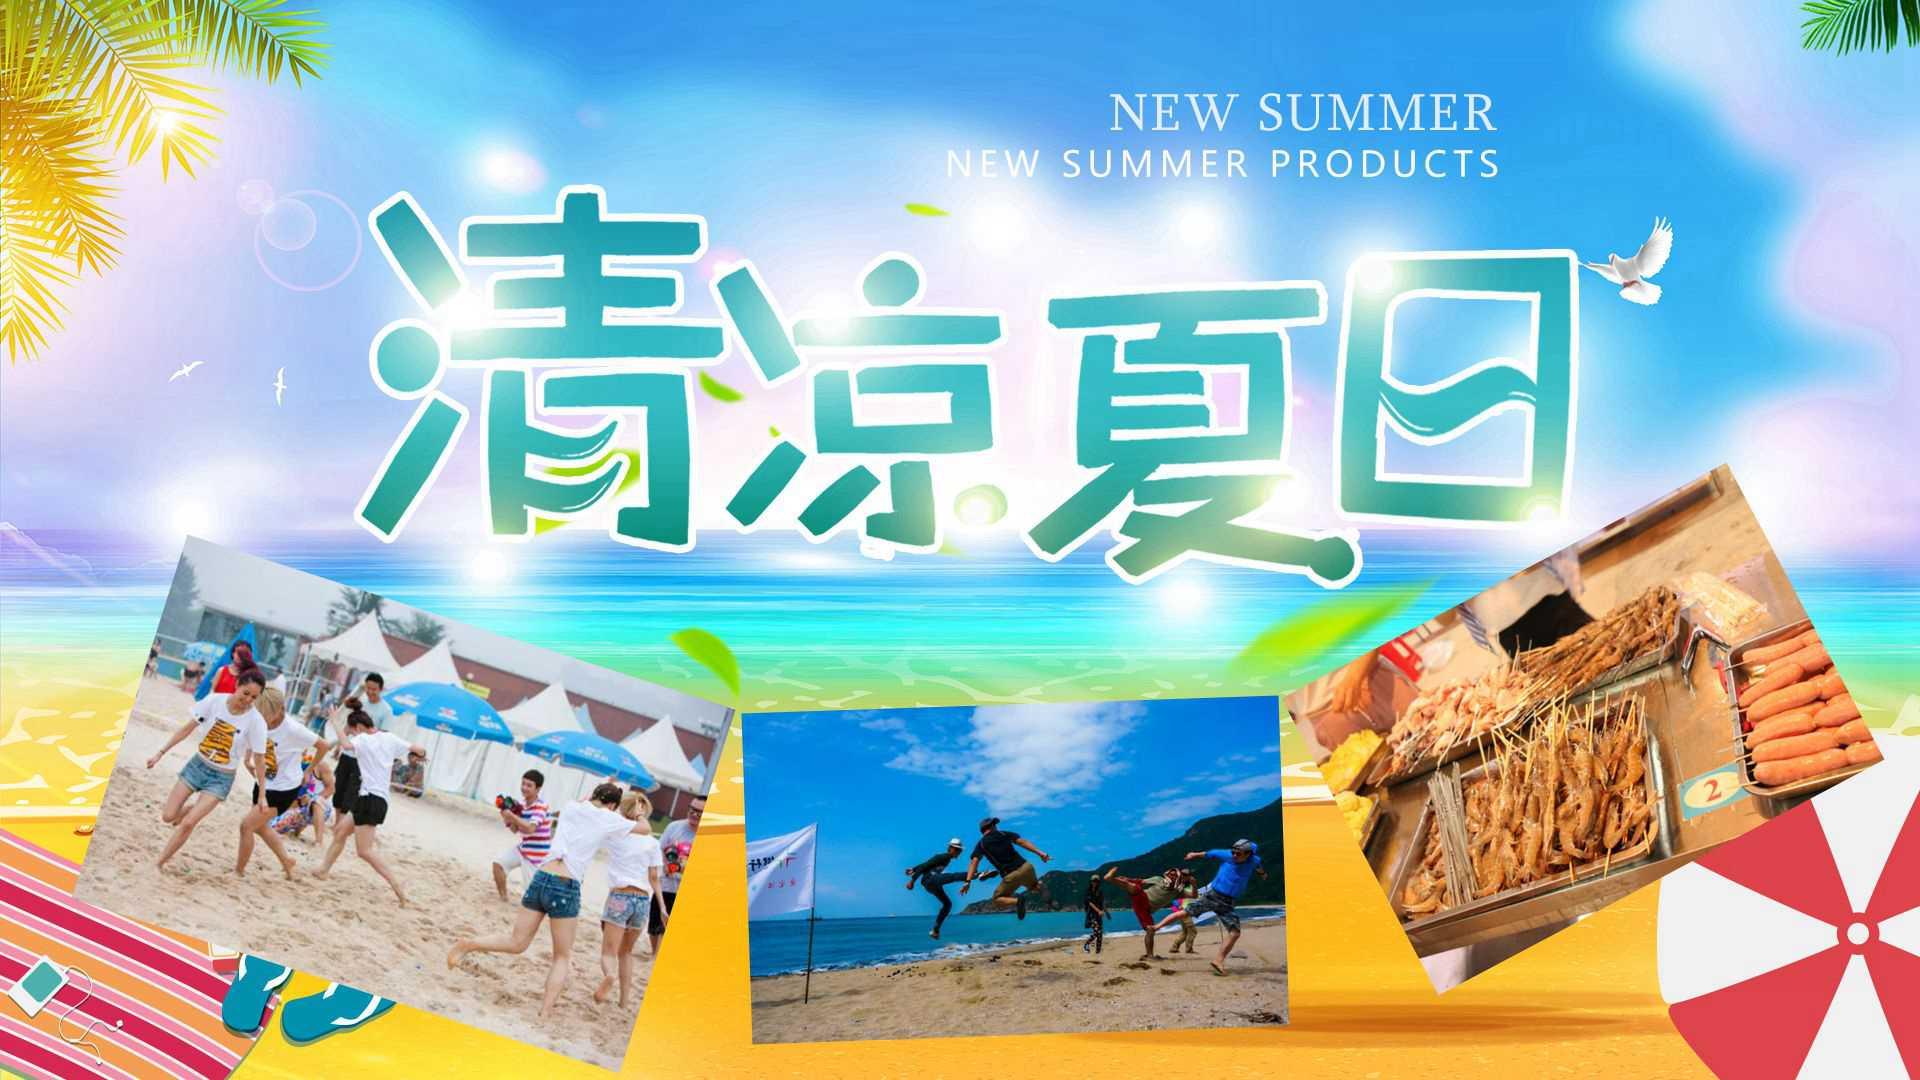 沙滩拓展沙滩团建沙滩游戏